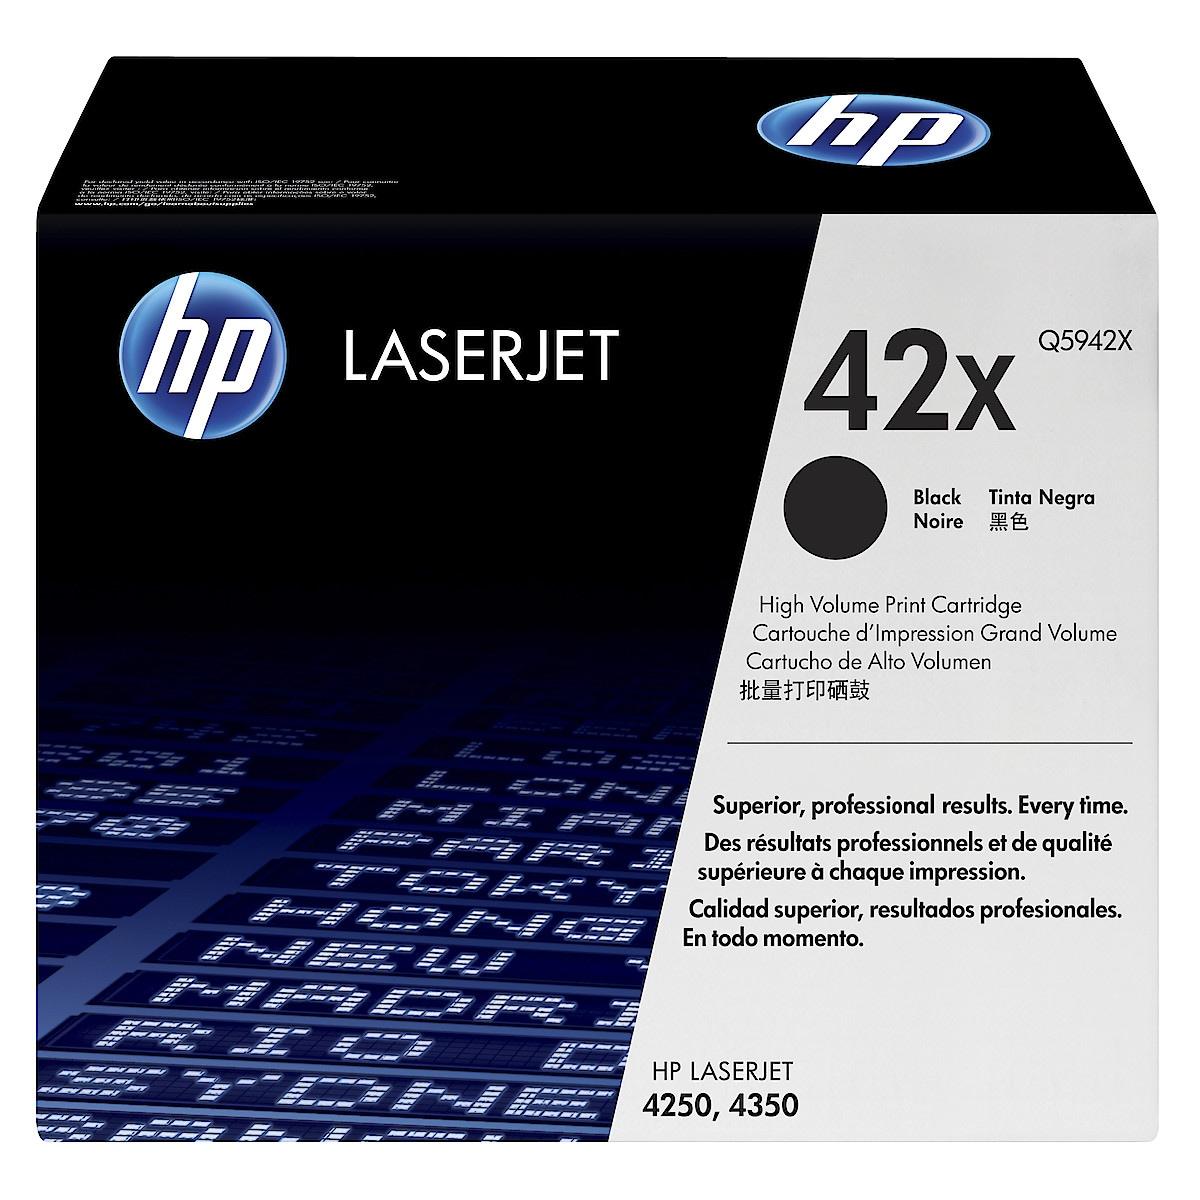 Toner for laserskrivere HP Q5942X